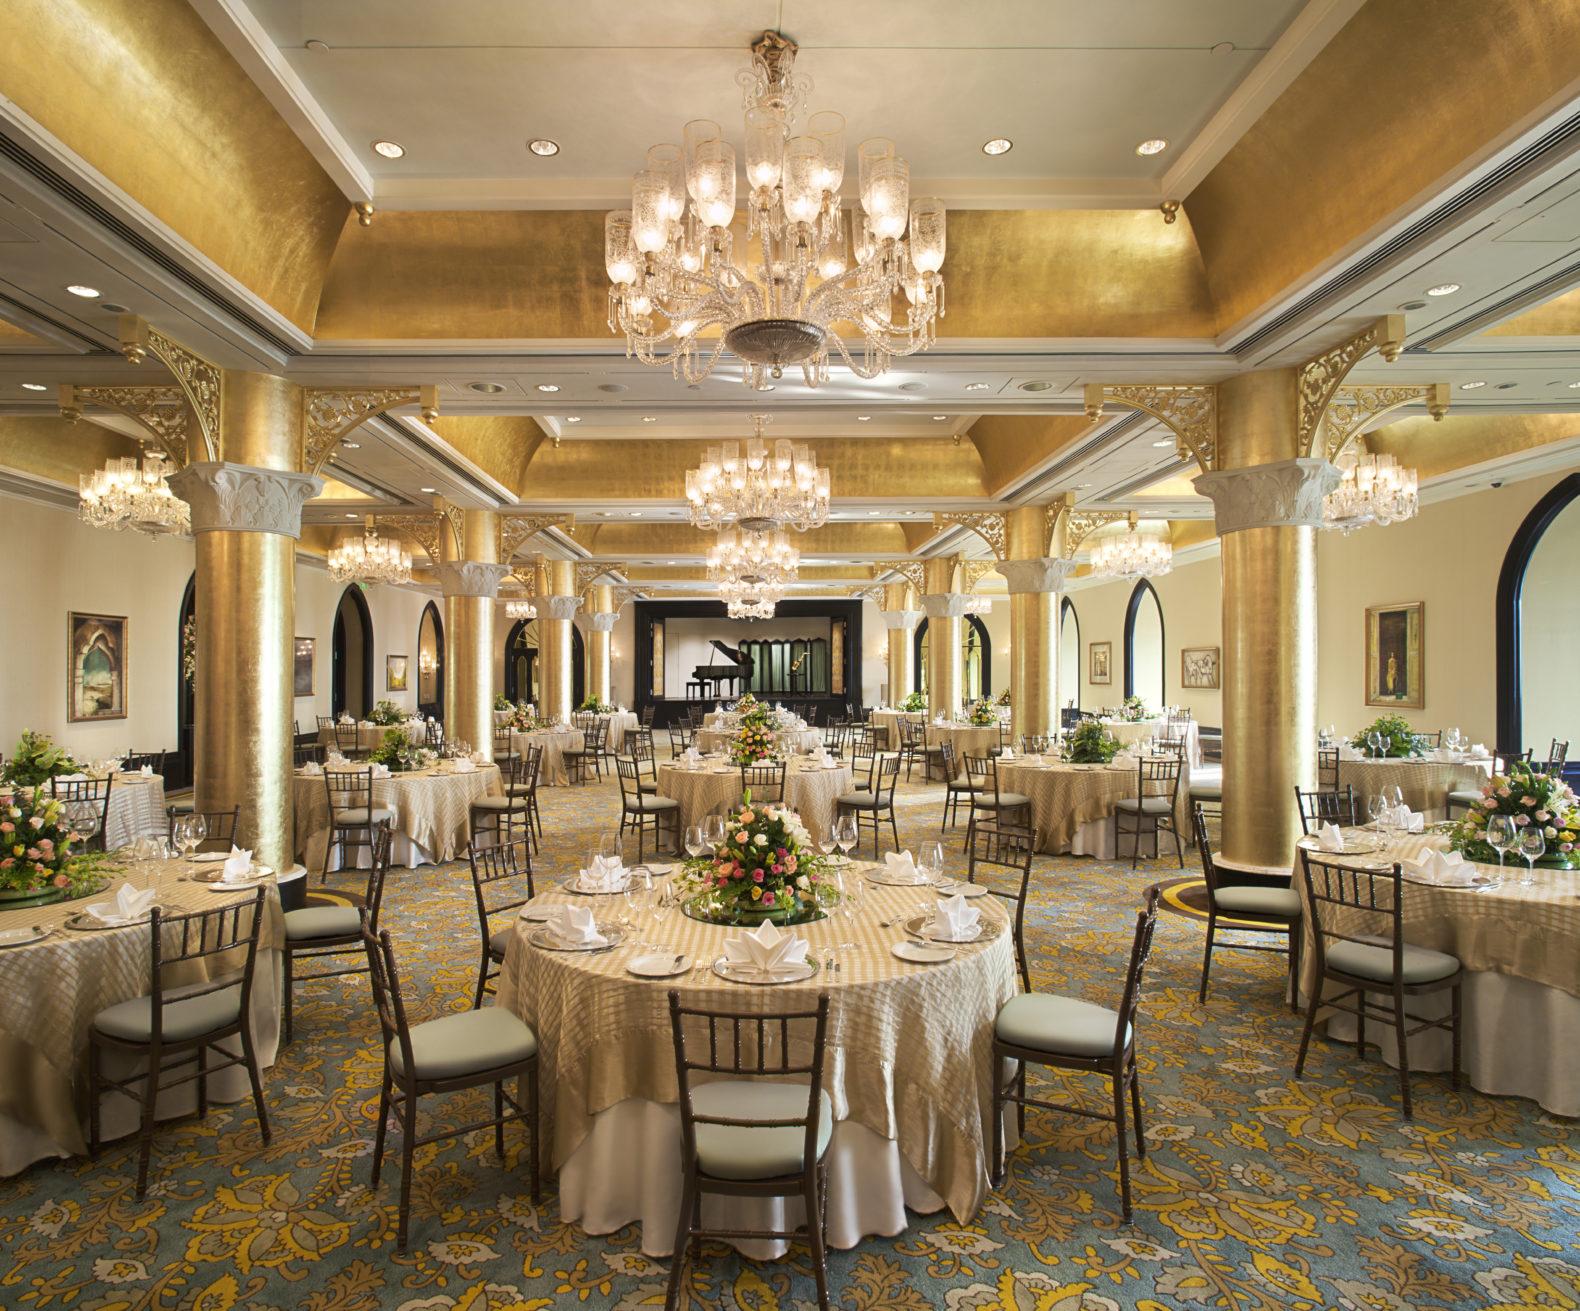 interior-ball-room-dining-area-fancy-warm-energy-healing-taj-mahal-palace-mumbai-hotel-india